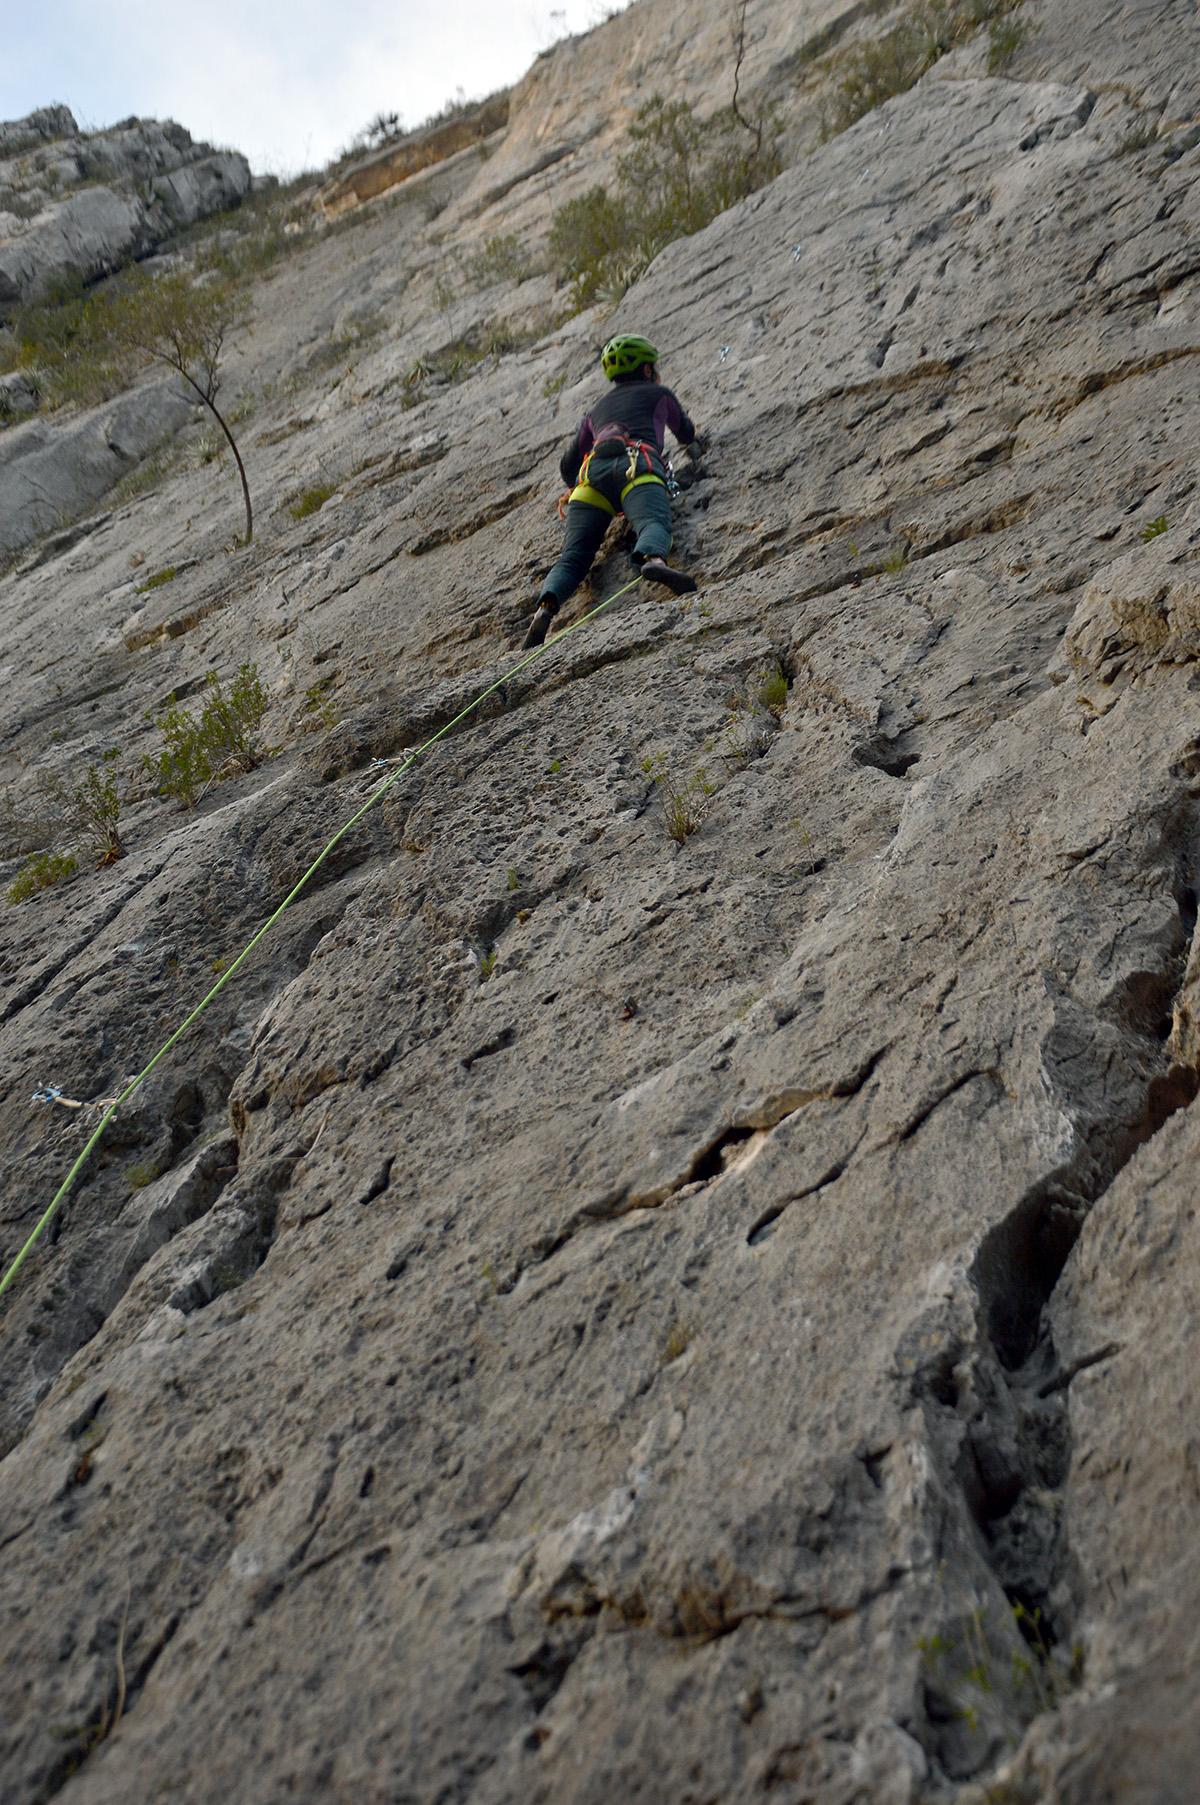 As paredes do Virgin canyon oferecem sombra no dias de sol e relativa proteção contra o vento nos dias frios, mas são crowdeadas de escaladores, cachorros de escaladores e a dica é tomar cuidado com gente escalando acima de você, que possa soltar alguma pedra.